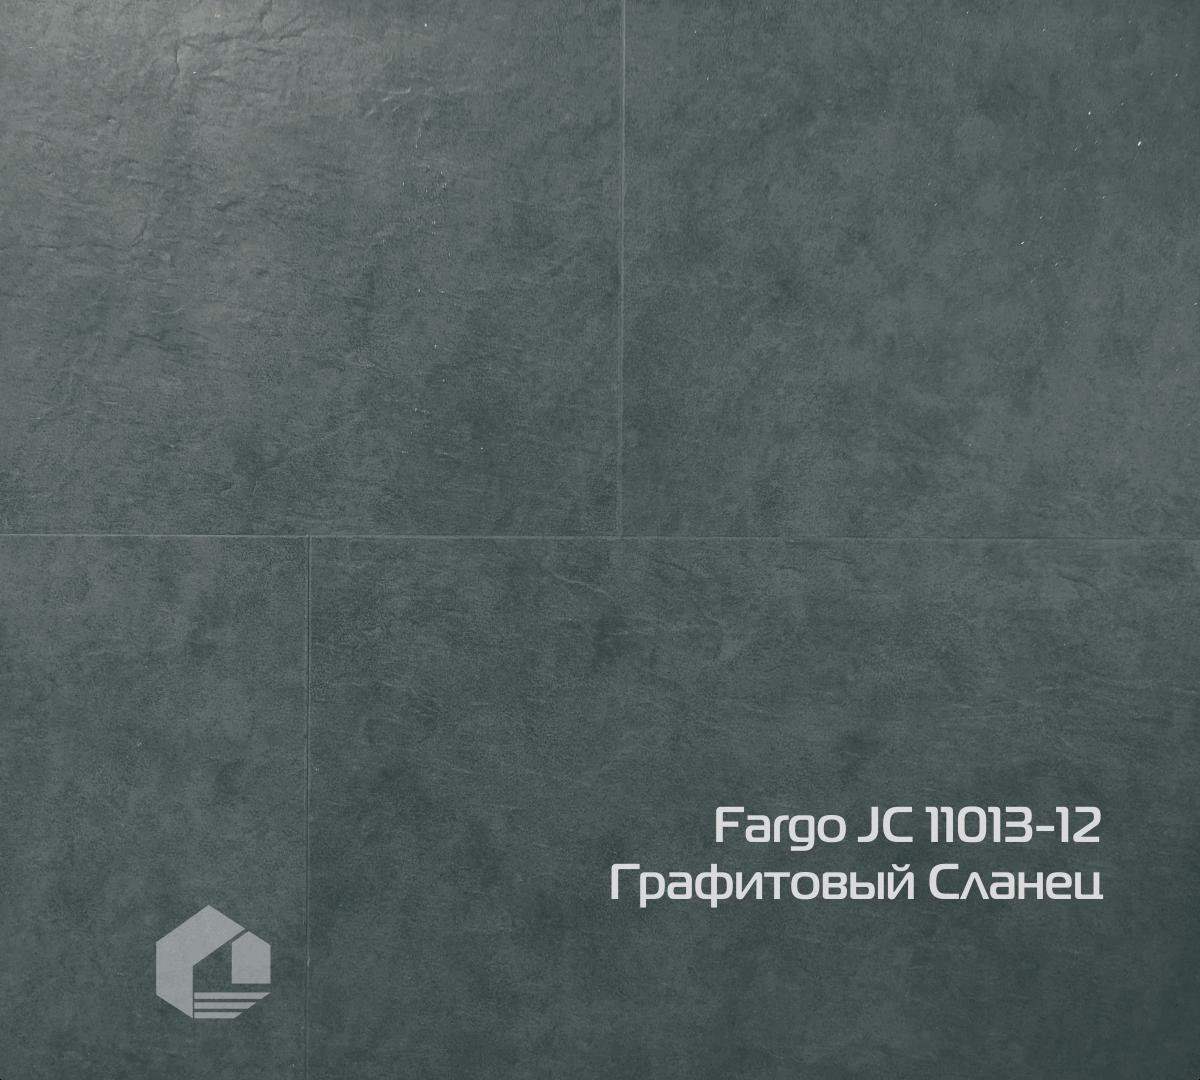 """Кварцевый ламинат Fargo Stone JC 11013-12 """"Графитовый сланец"""" (600*300*4 мм) 10шт/1,8м2"""